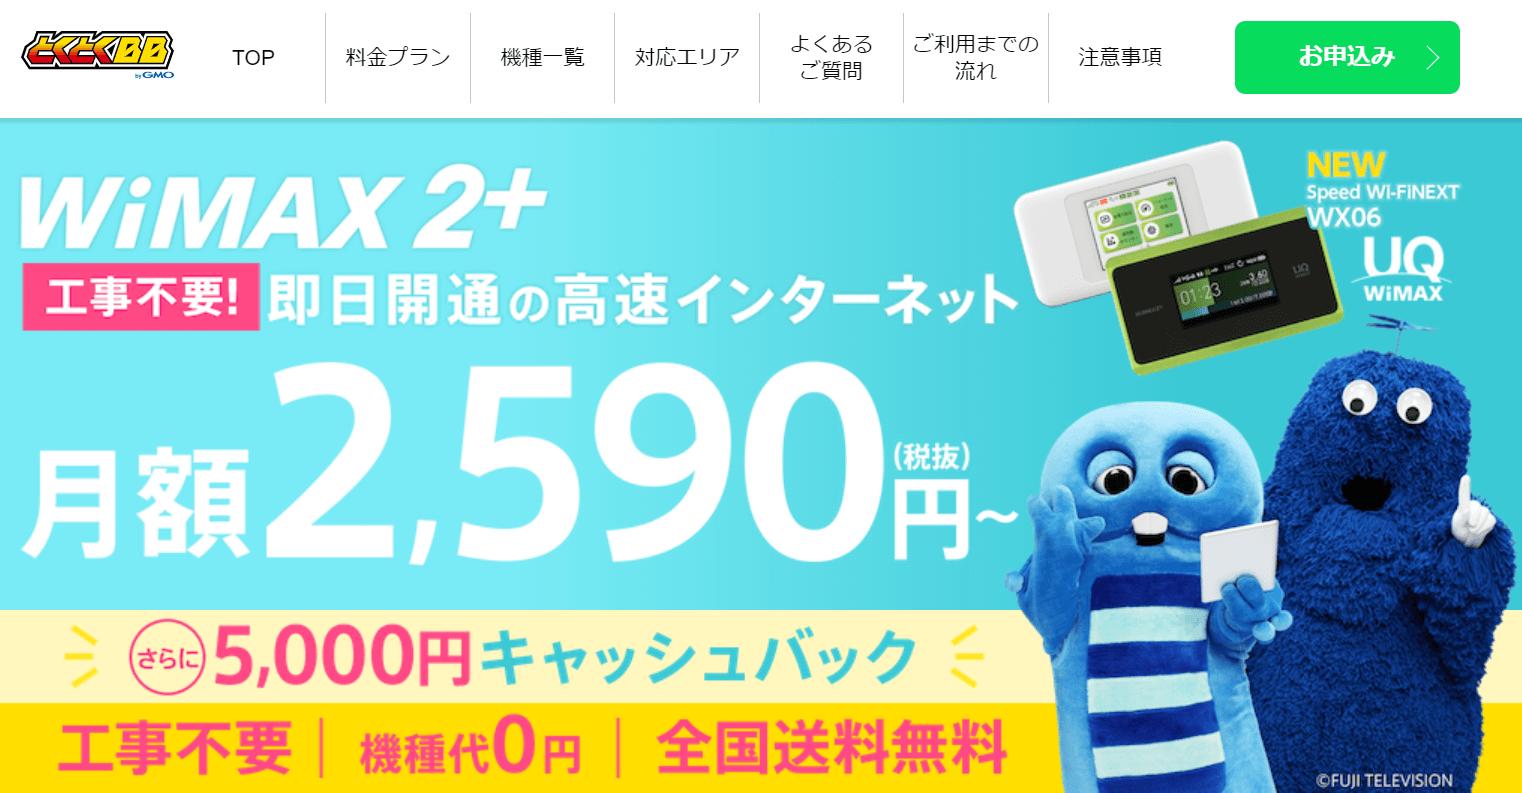 WiMAX_キャンペーン_比較_GMOとくとくBBロゴ